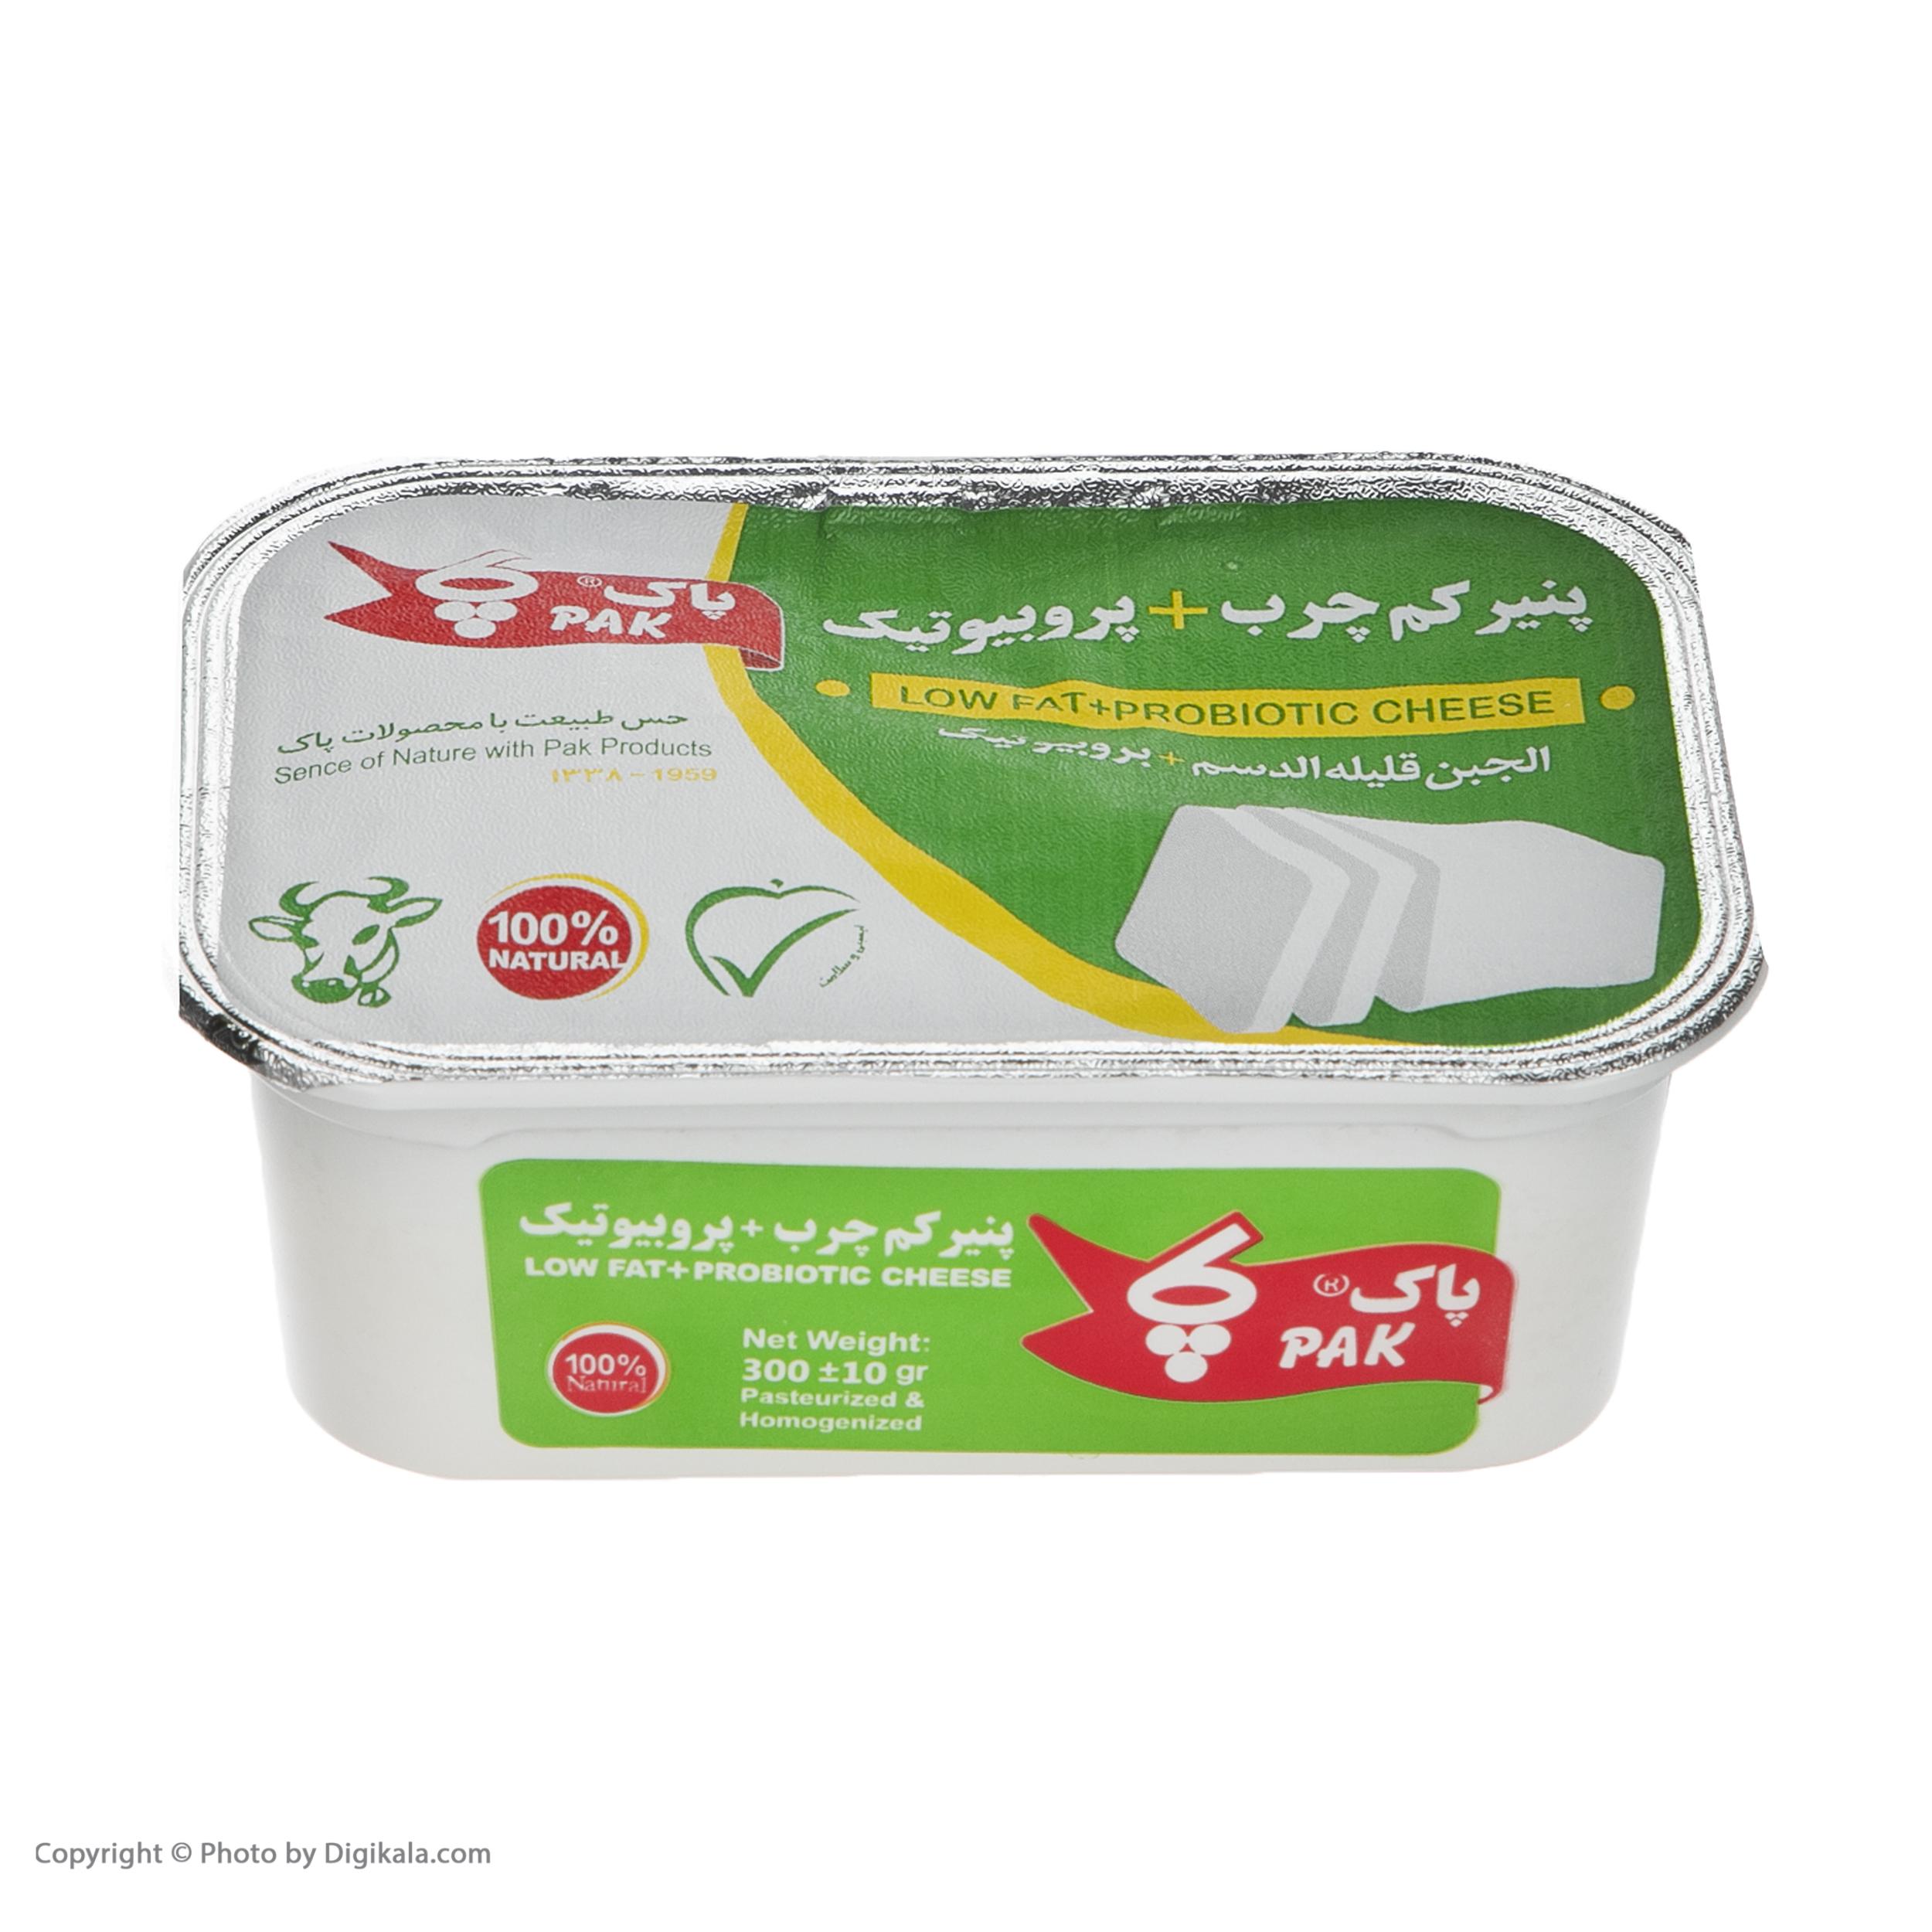 پنیر کم چرب پروبیوتیک پاک - 300 گرم  main 1 4